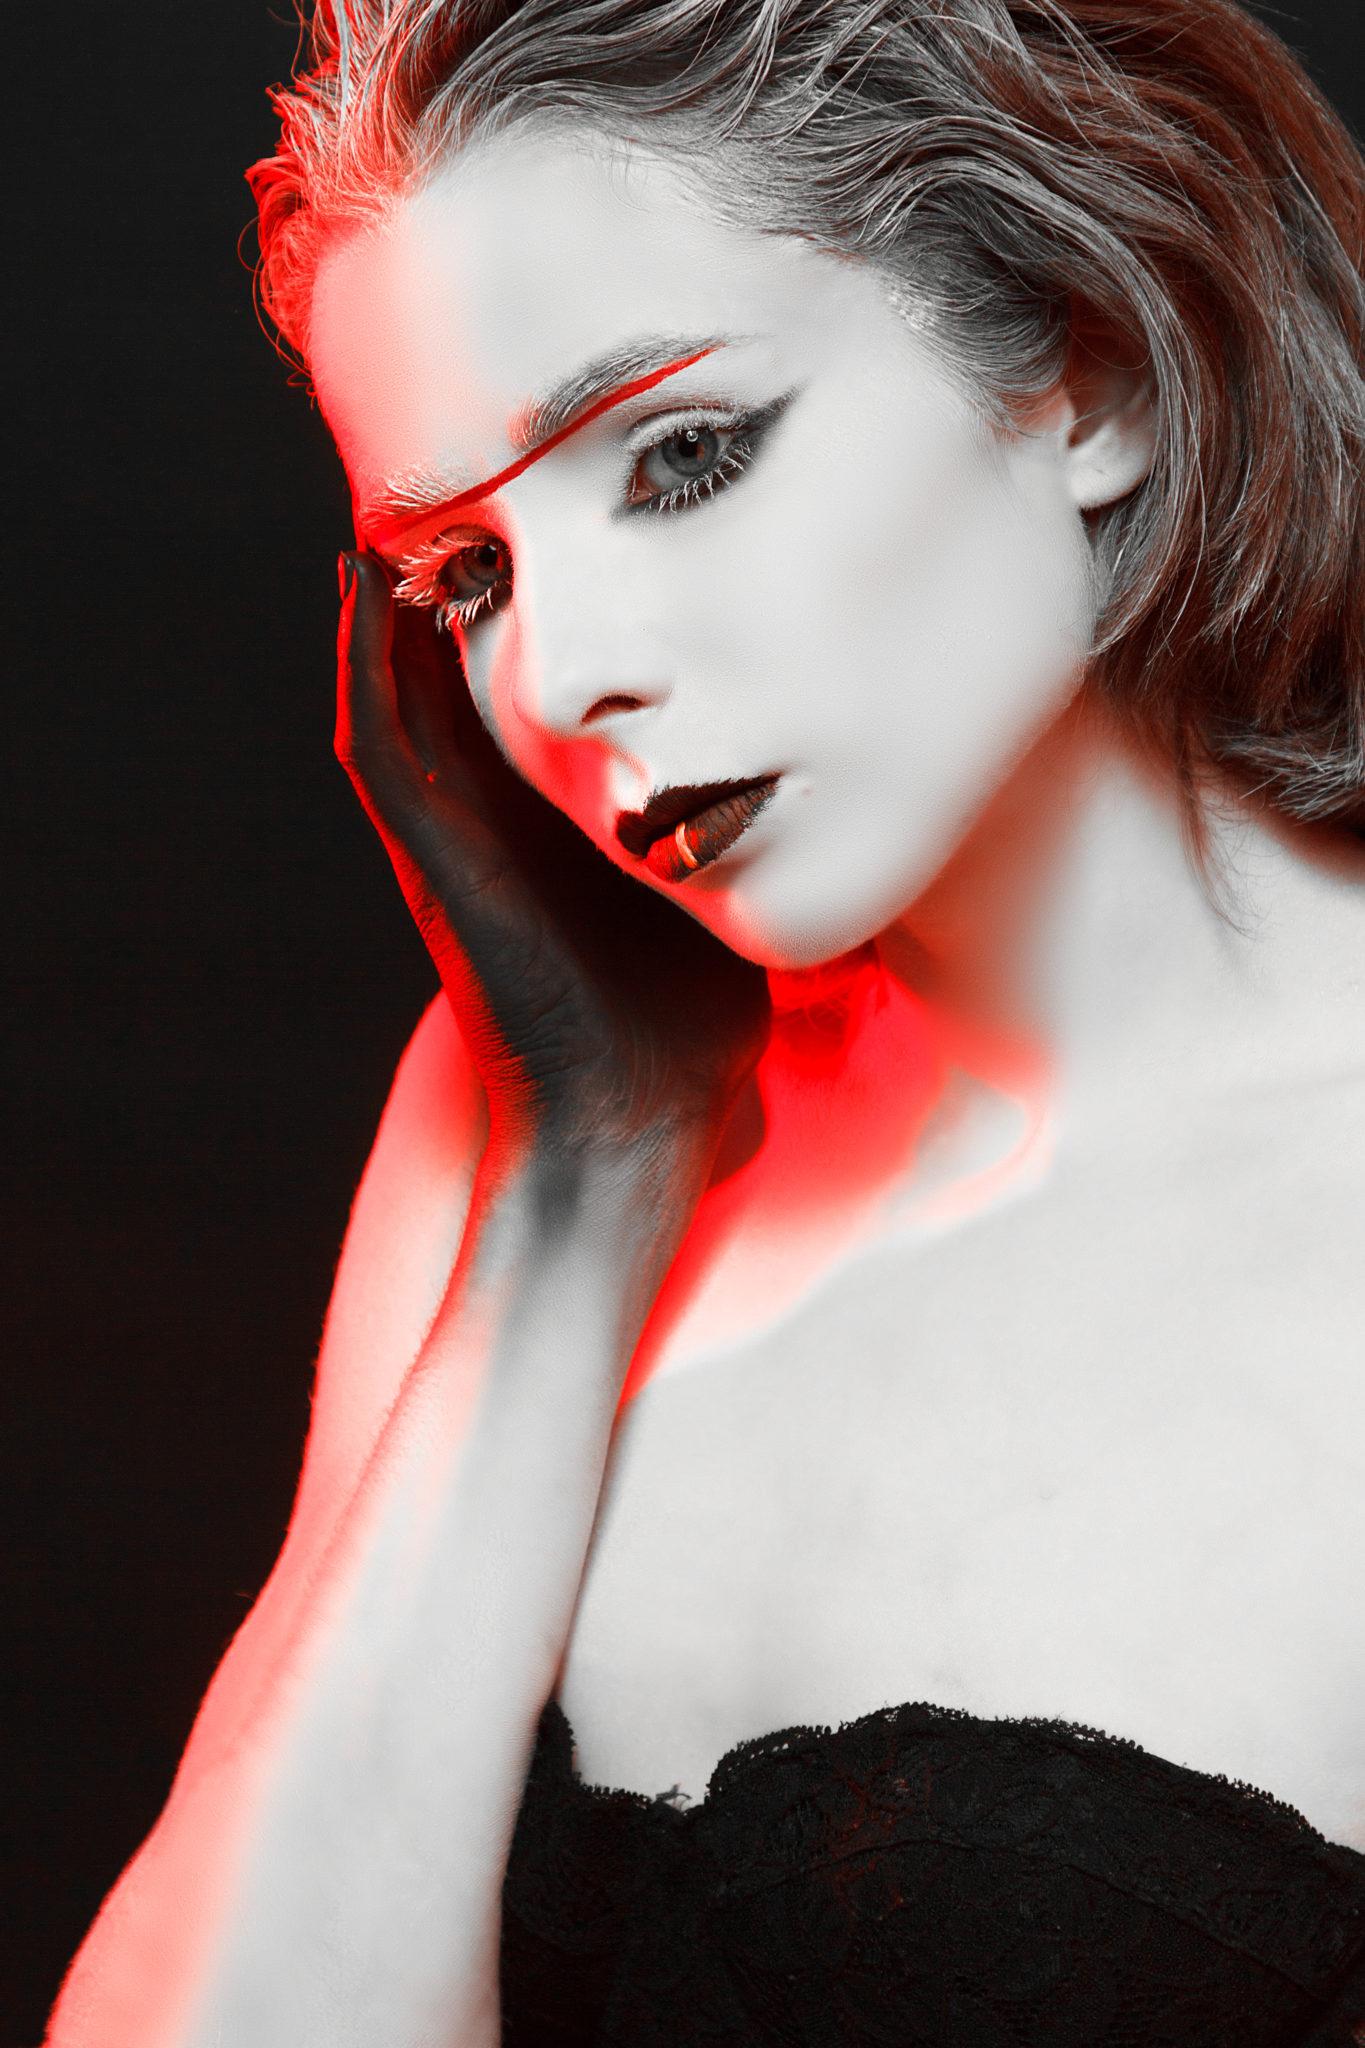 Фотосессия Премиум, боди арт от Яна Штепа, модель Мария Головацкая, фотограф Алиса Постникова